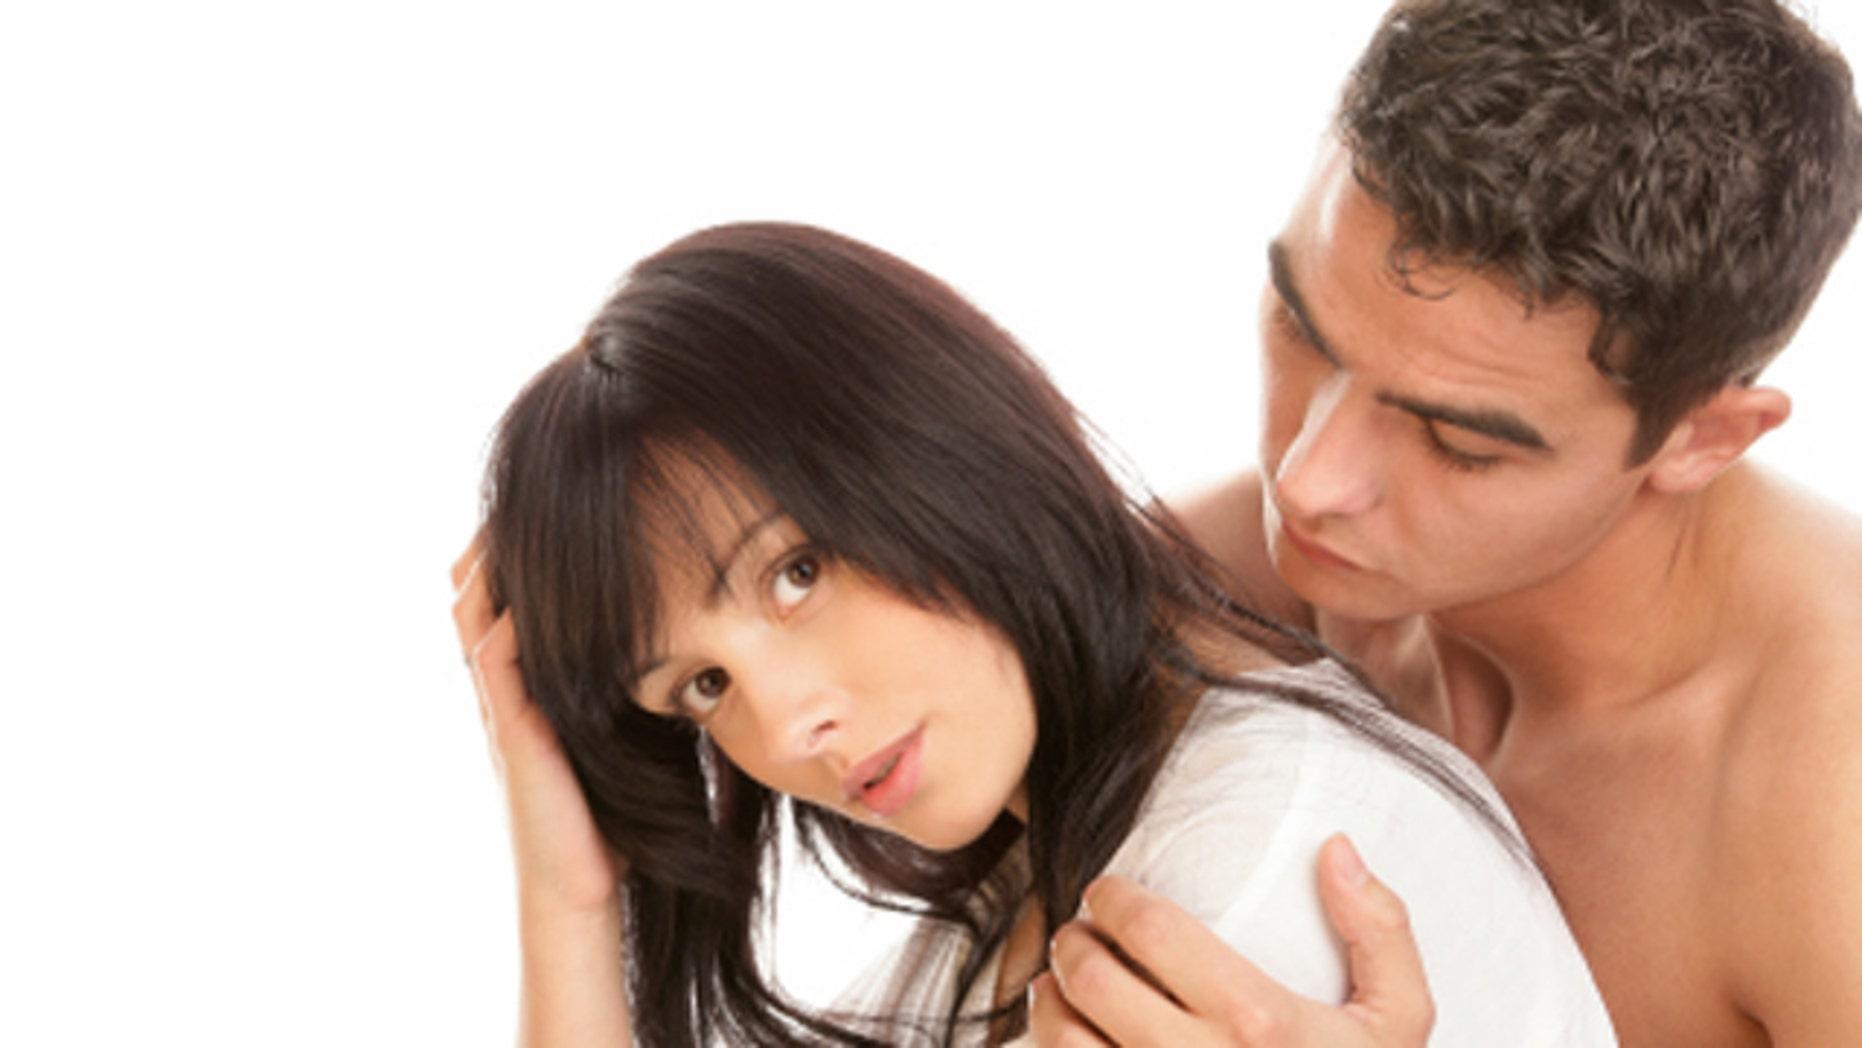 Prozac sexual side effects men